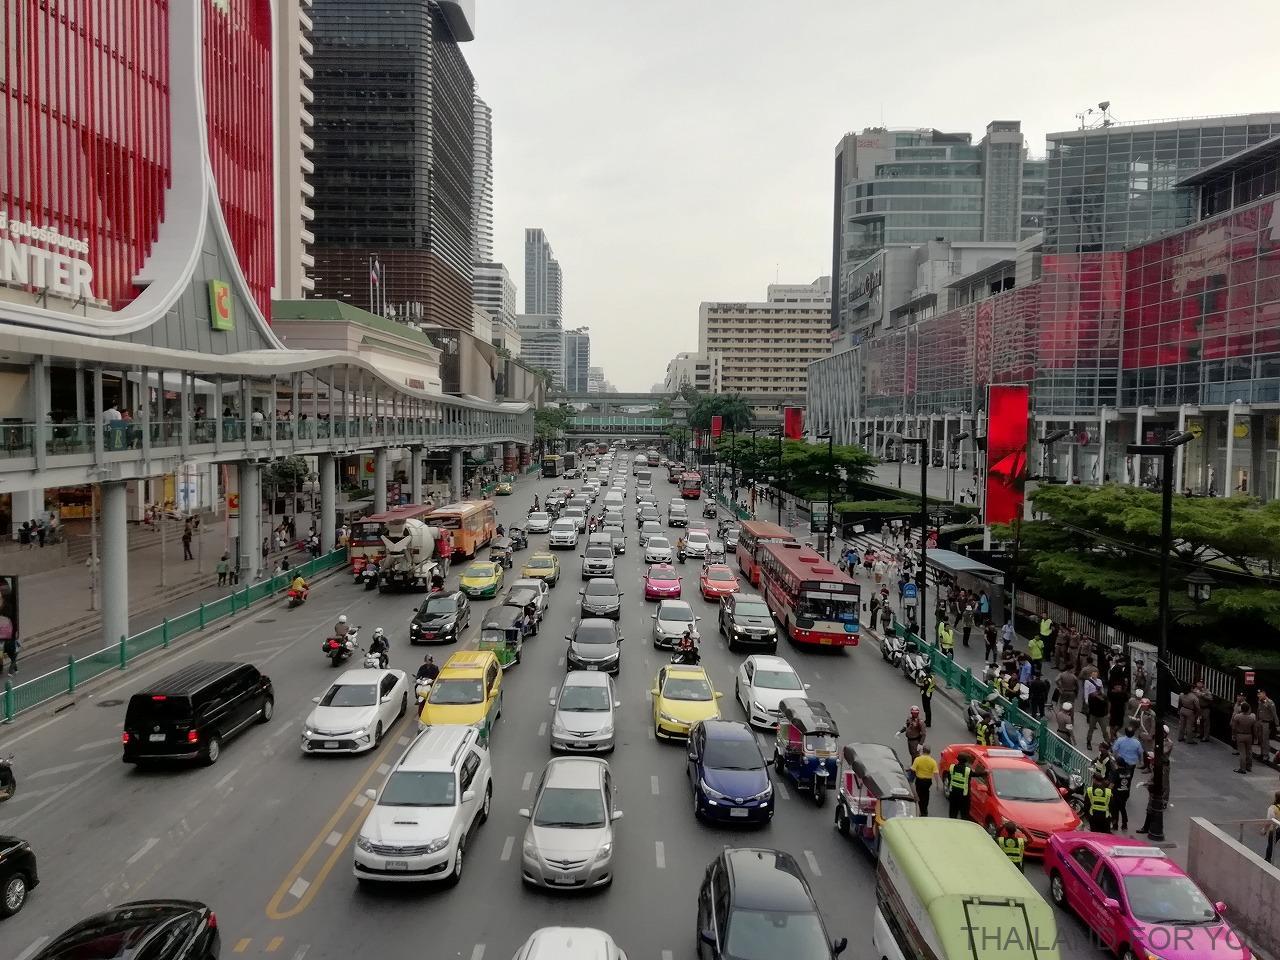 タイ バンコク 渋滞